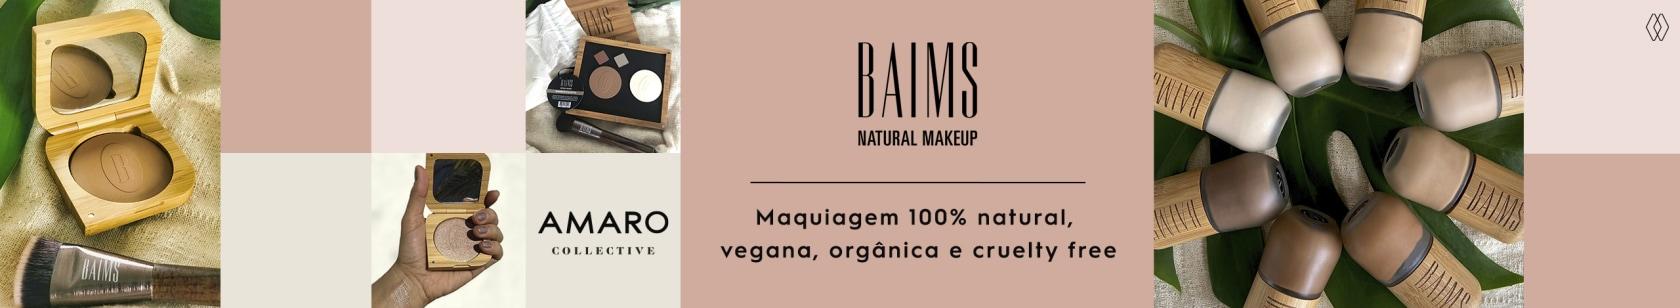 BAIMS | AMARO COLLECTIVE